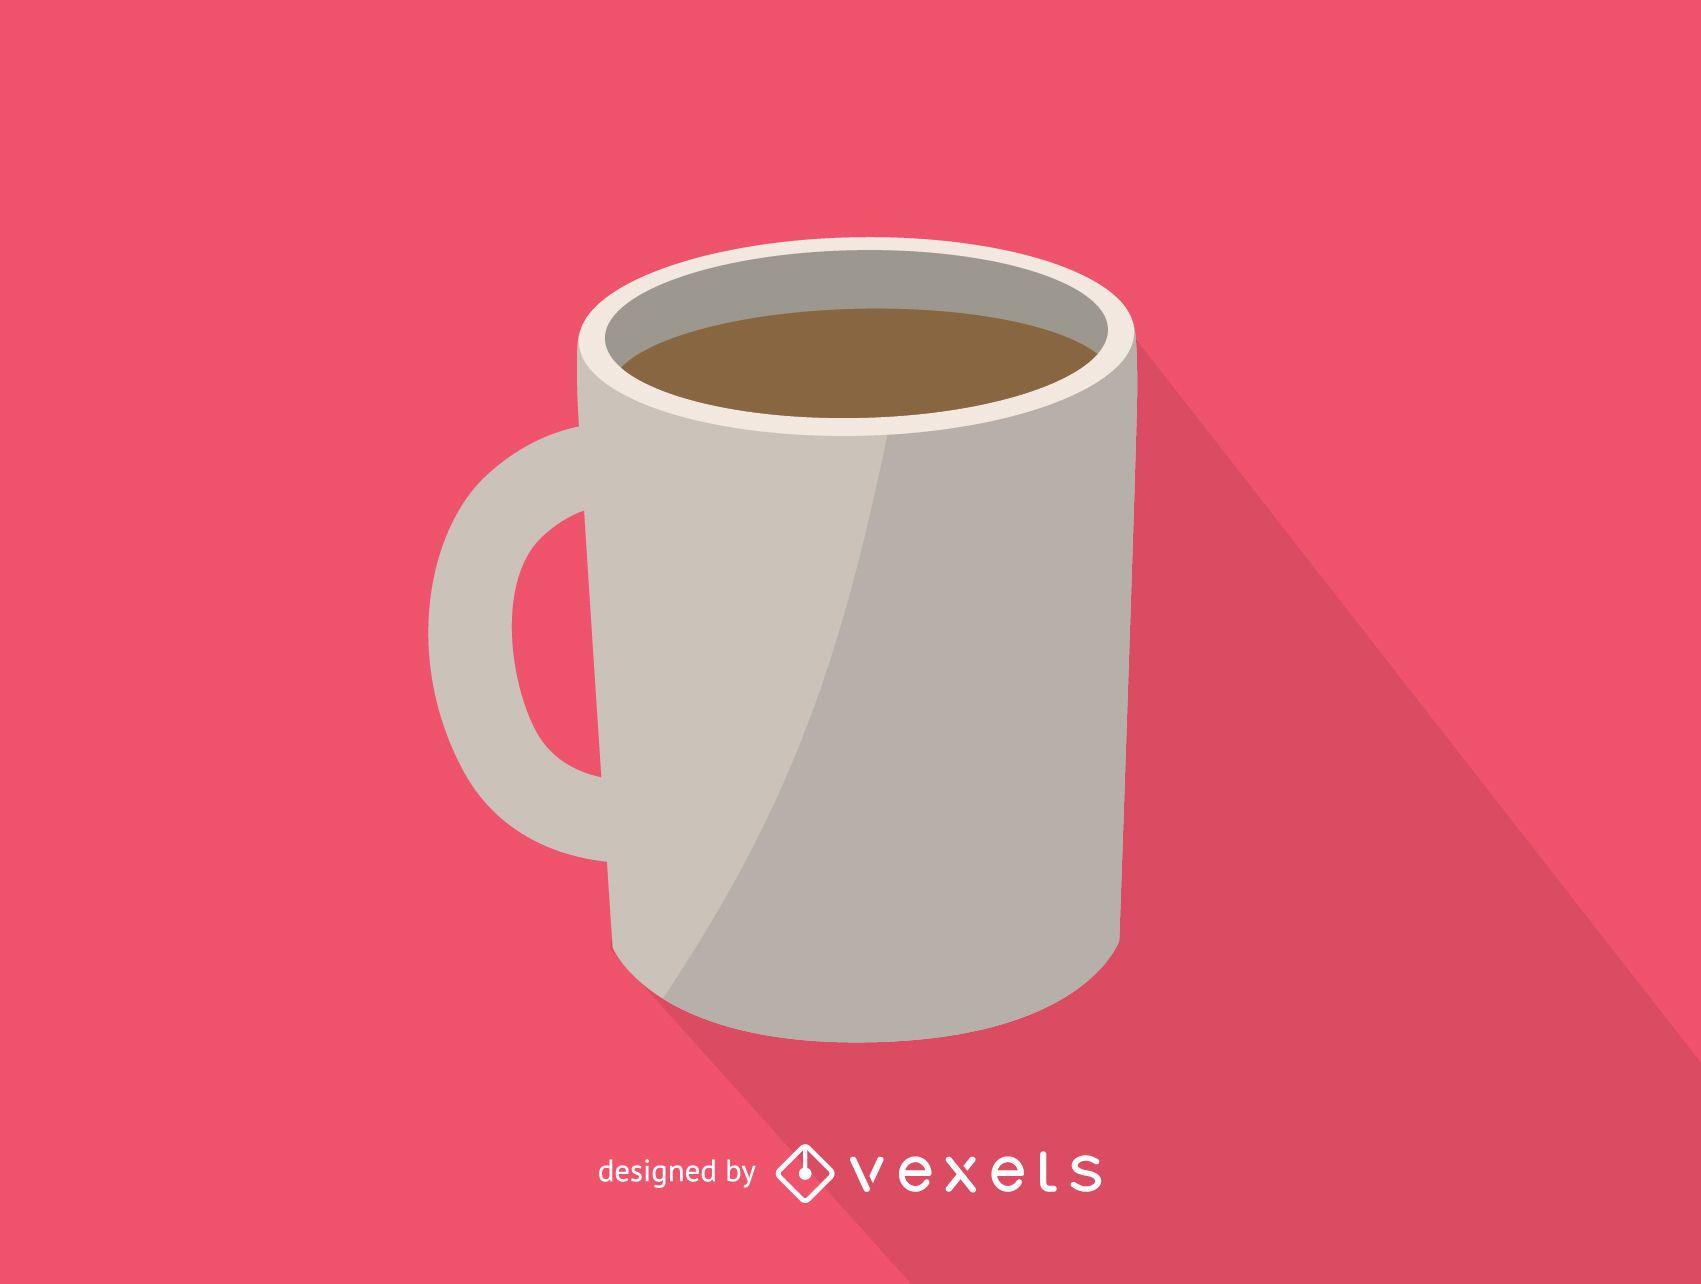 Icono de taza de café con leche